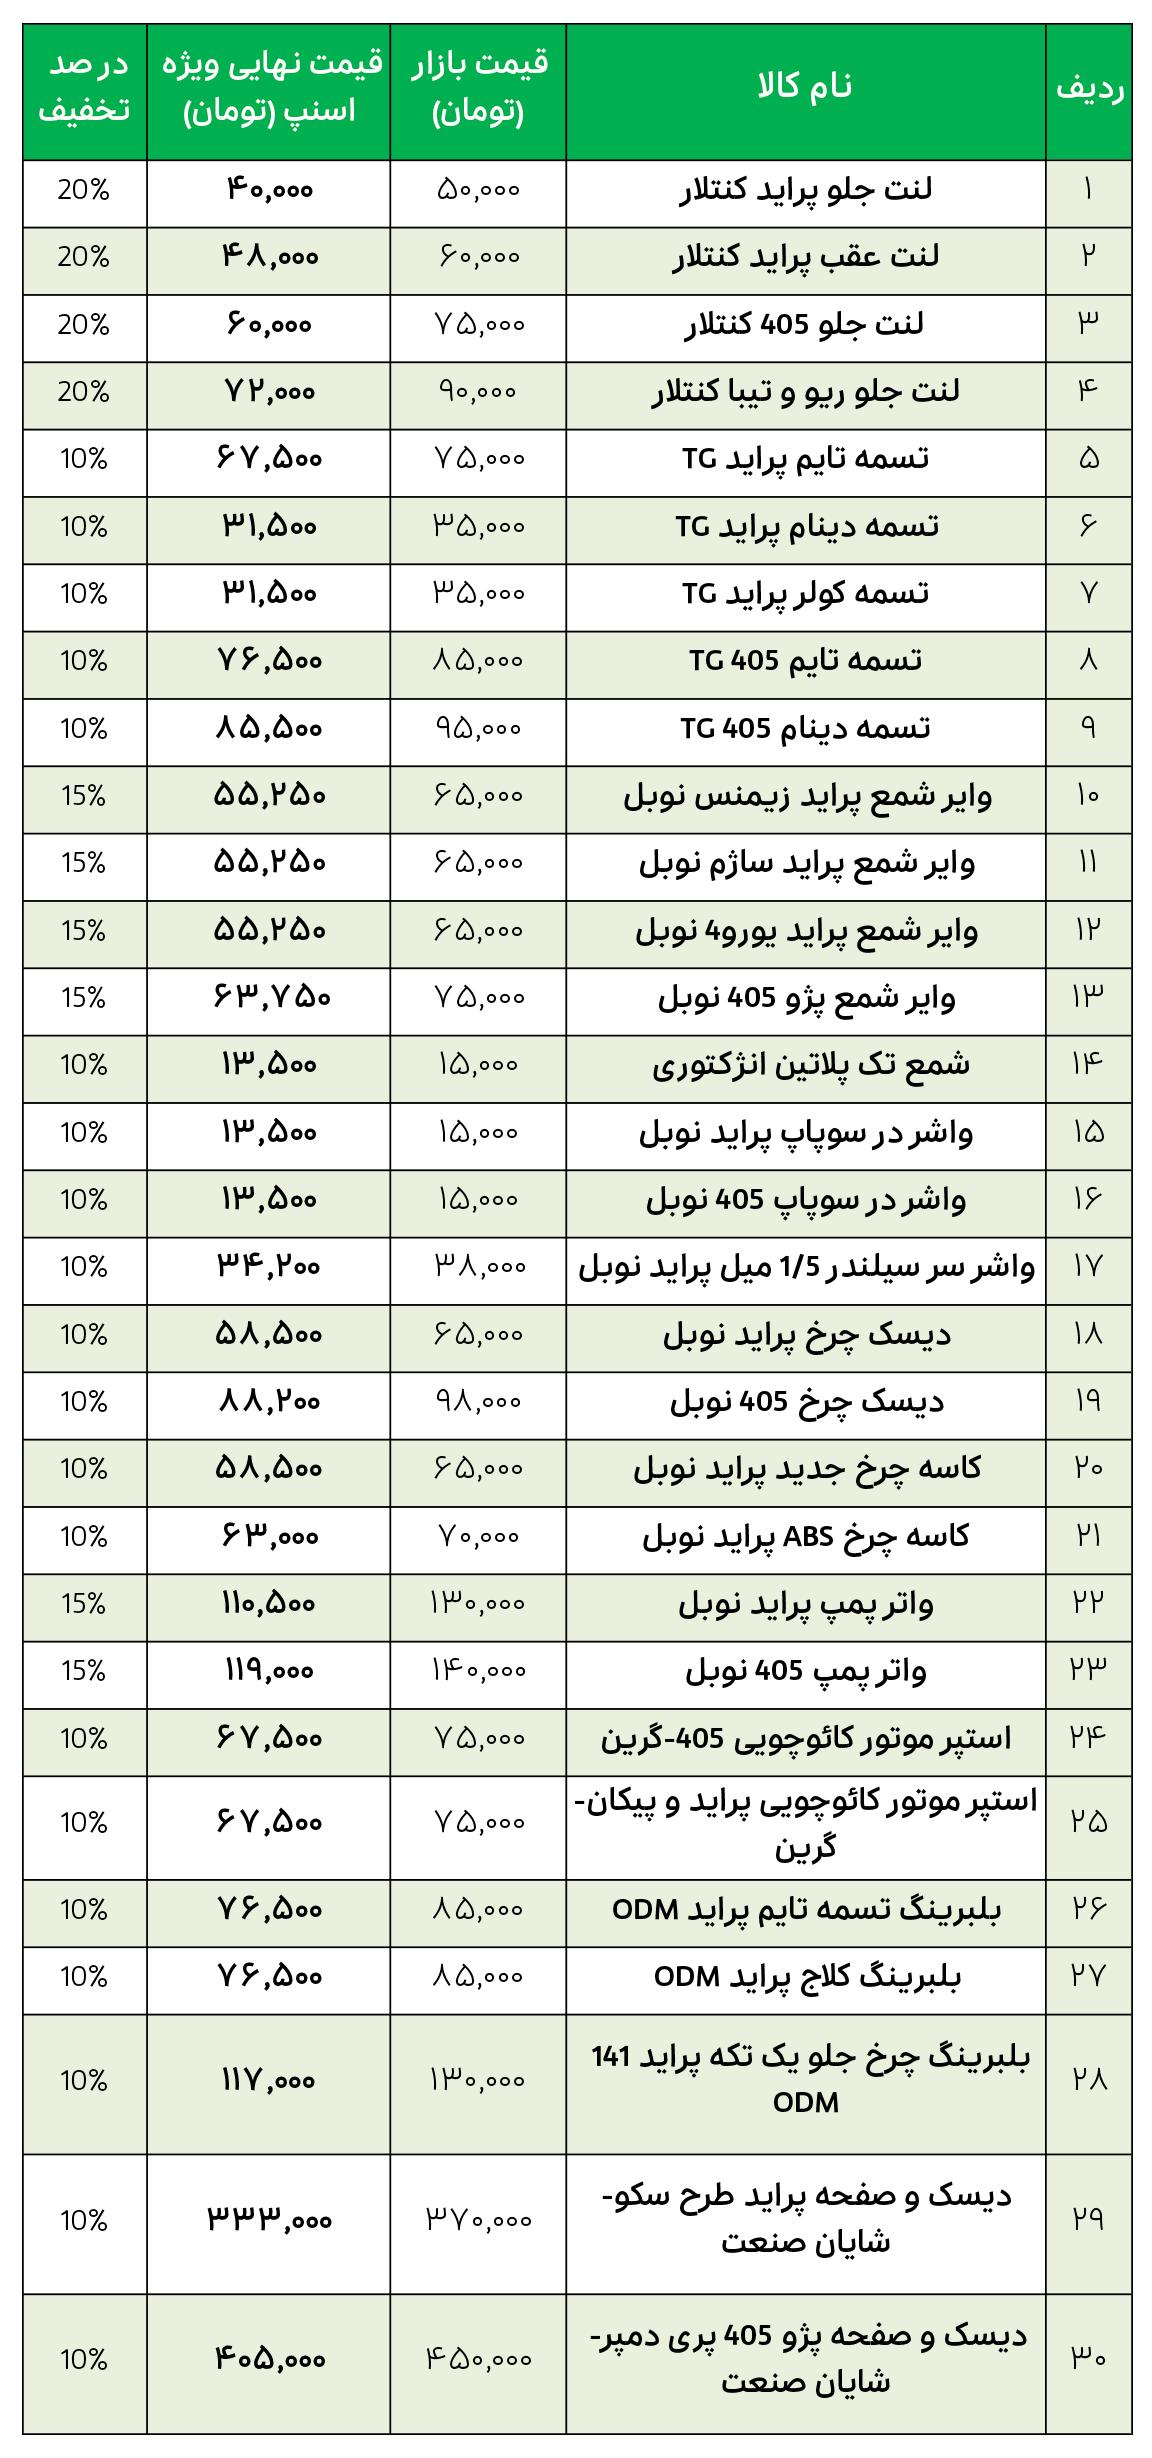 لیست قیمت قطعات فروشگاه نوبل موتور اصفهان